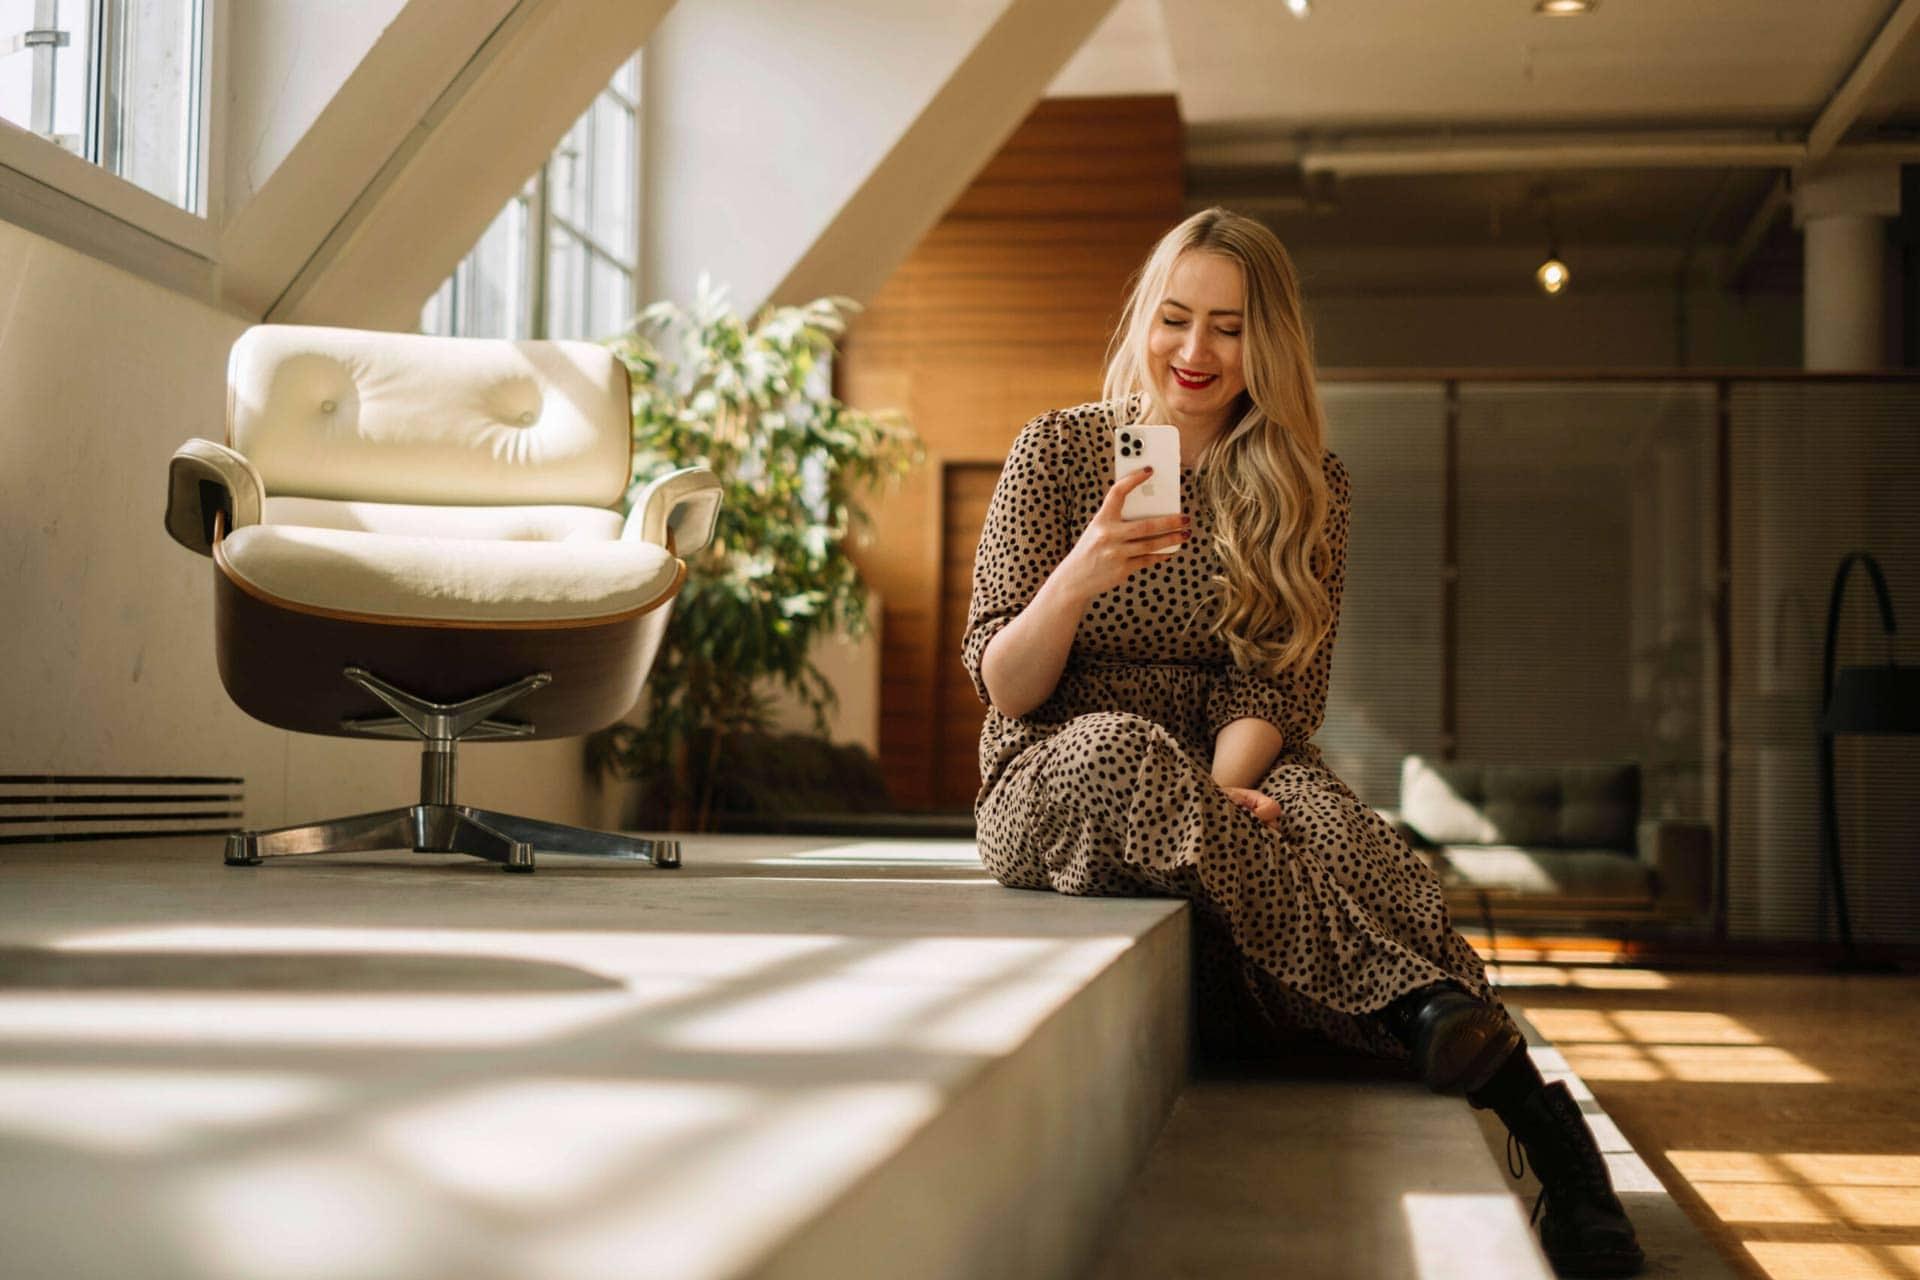 Jessica sitzt auf einer Treppe und schaut auf ihr Smartphone